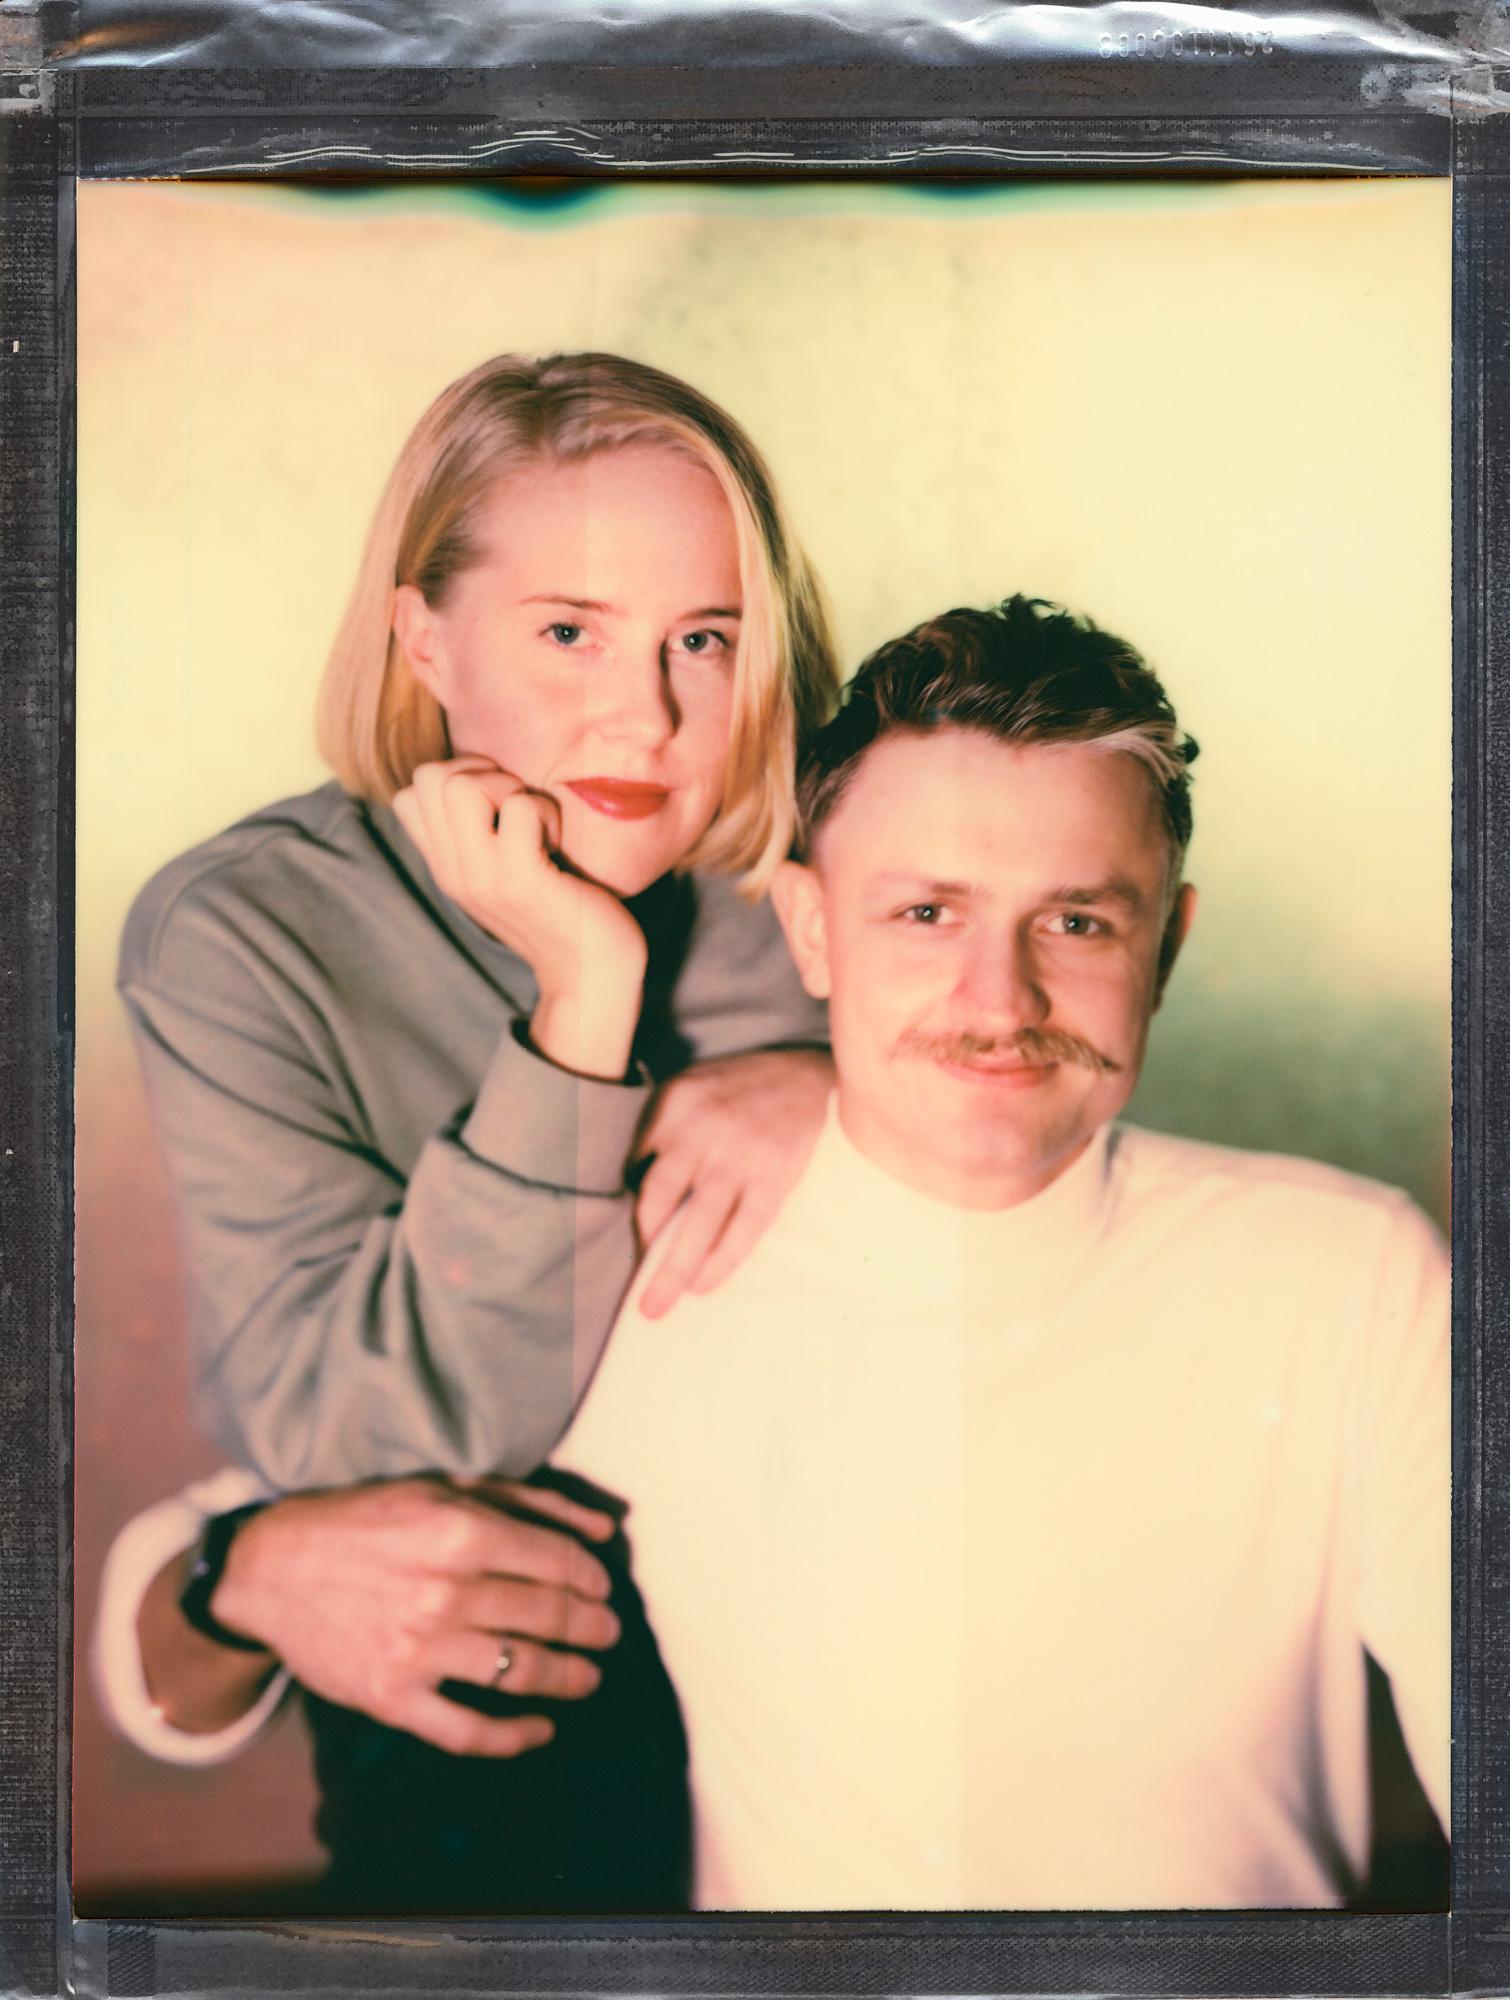 Portrettfotograf Oslo fotograferer et ungt par